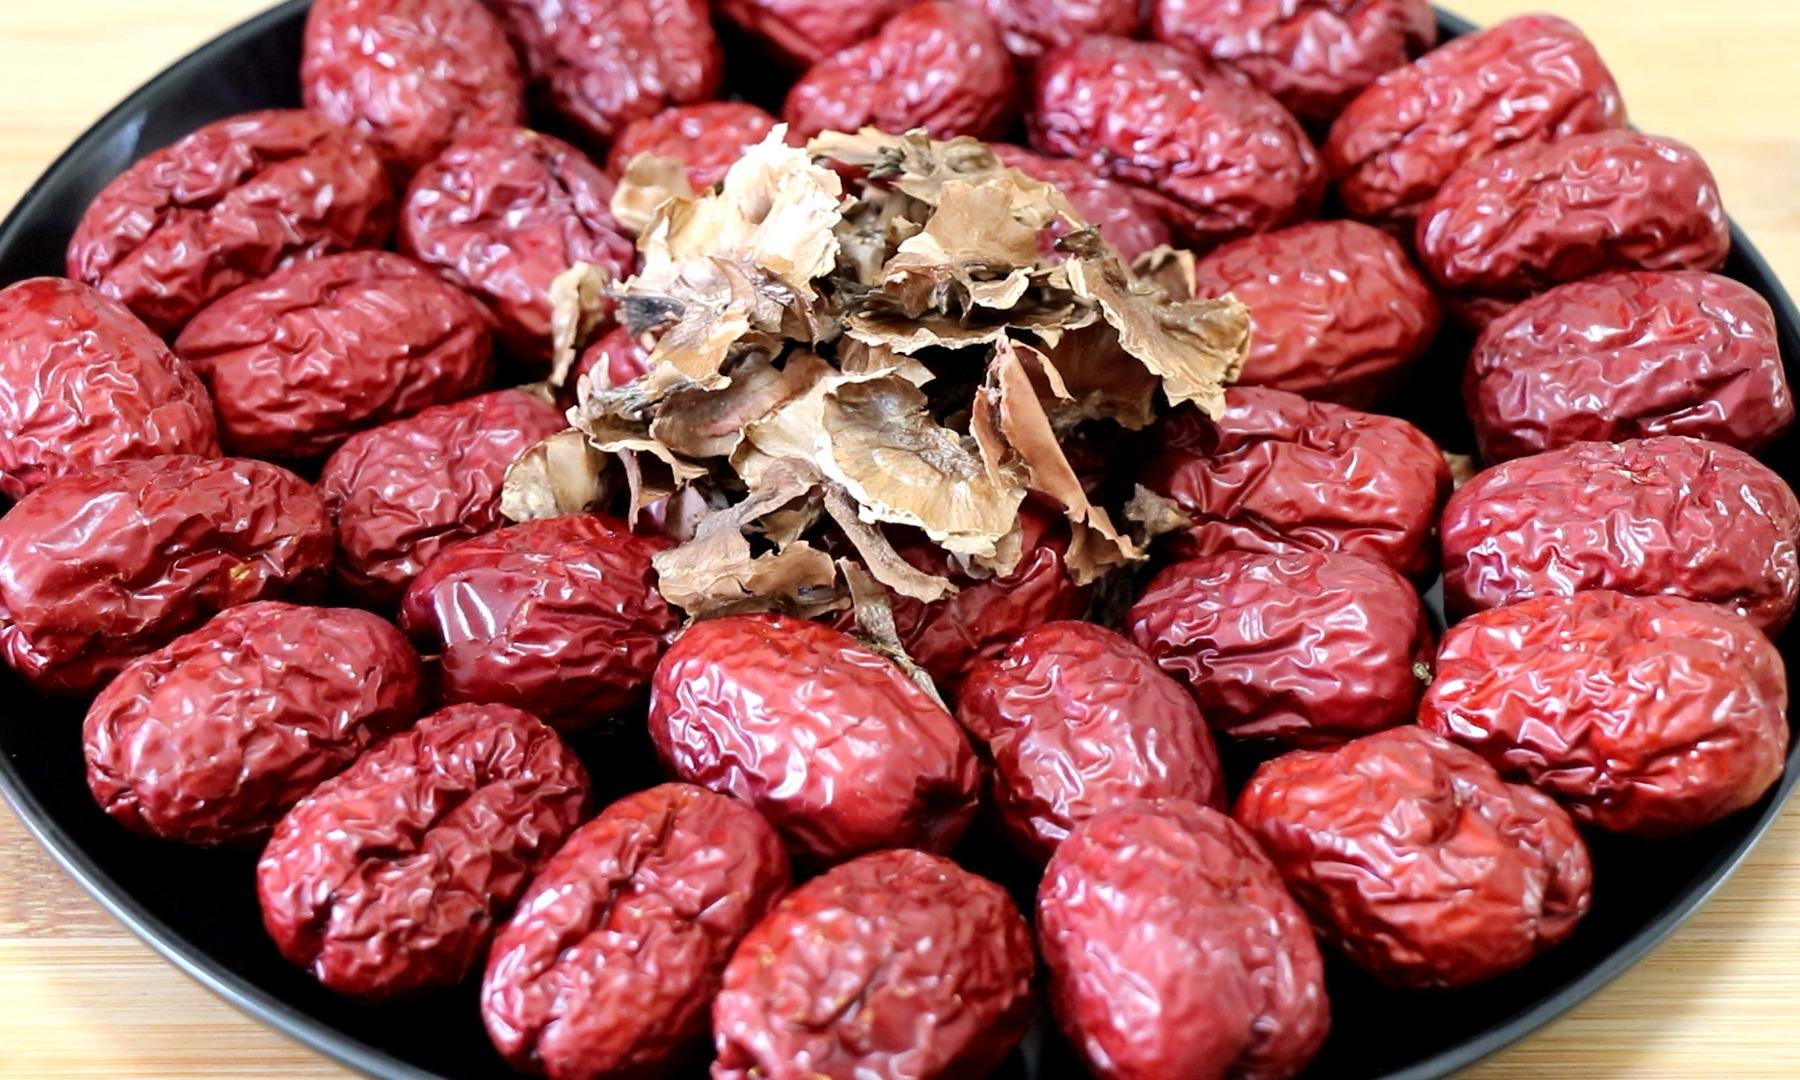 红枣加分心木,作用真是厉害,解决了男女朋友的大问题,真实用